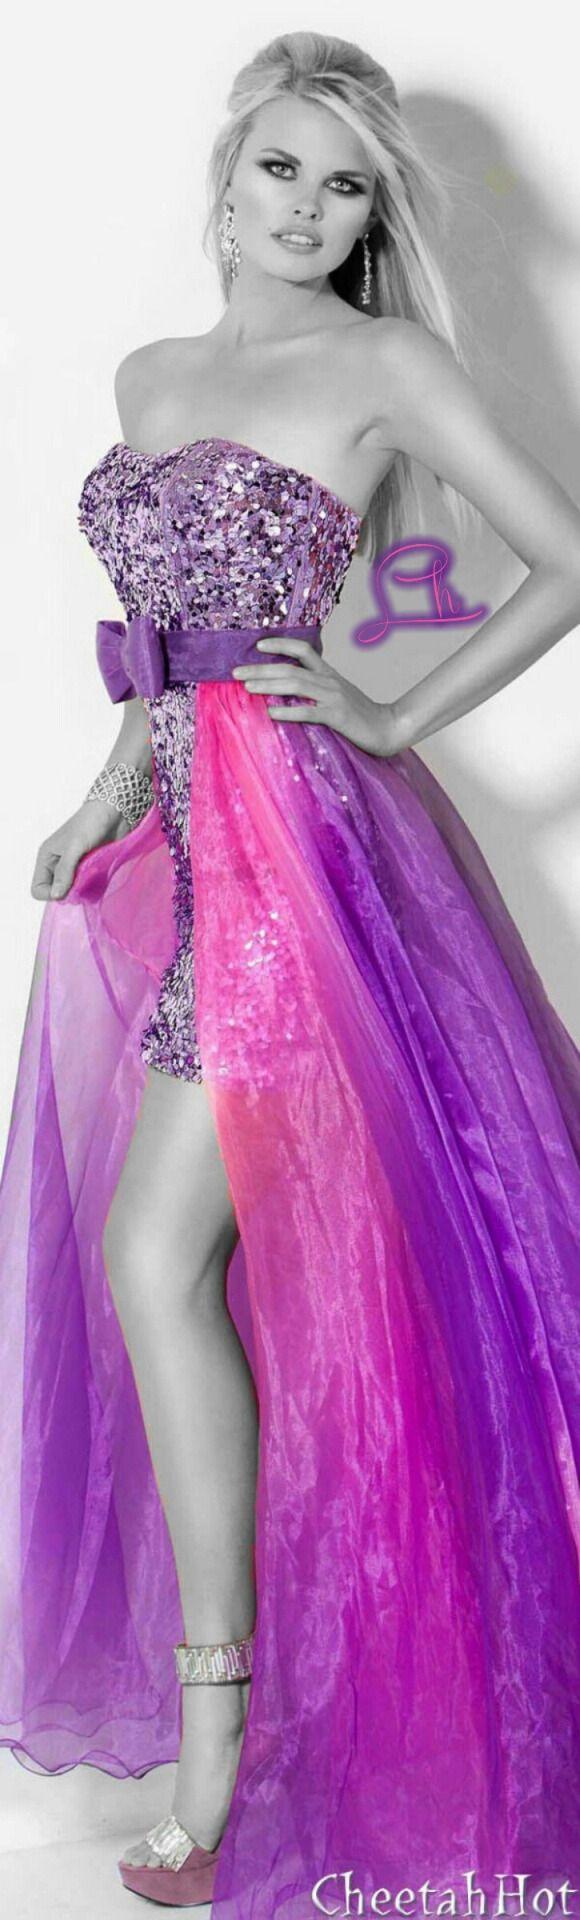 1061 mejores imágenes sobre Touch Of Purple en Pinterest   Lavanda ...